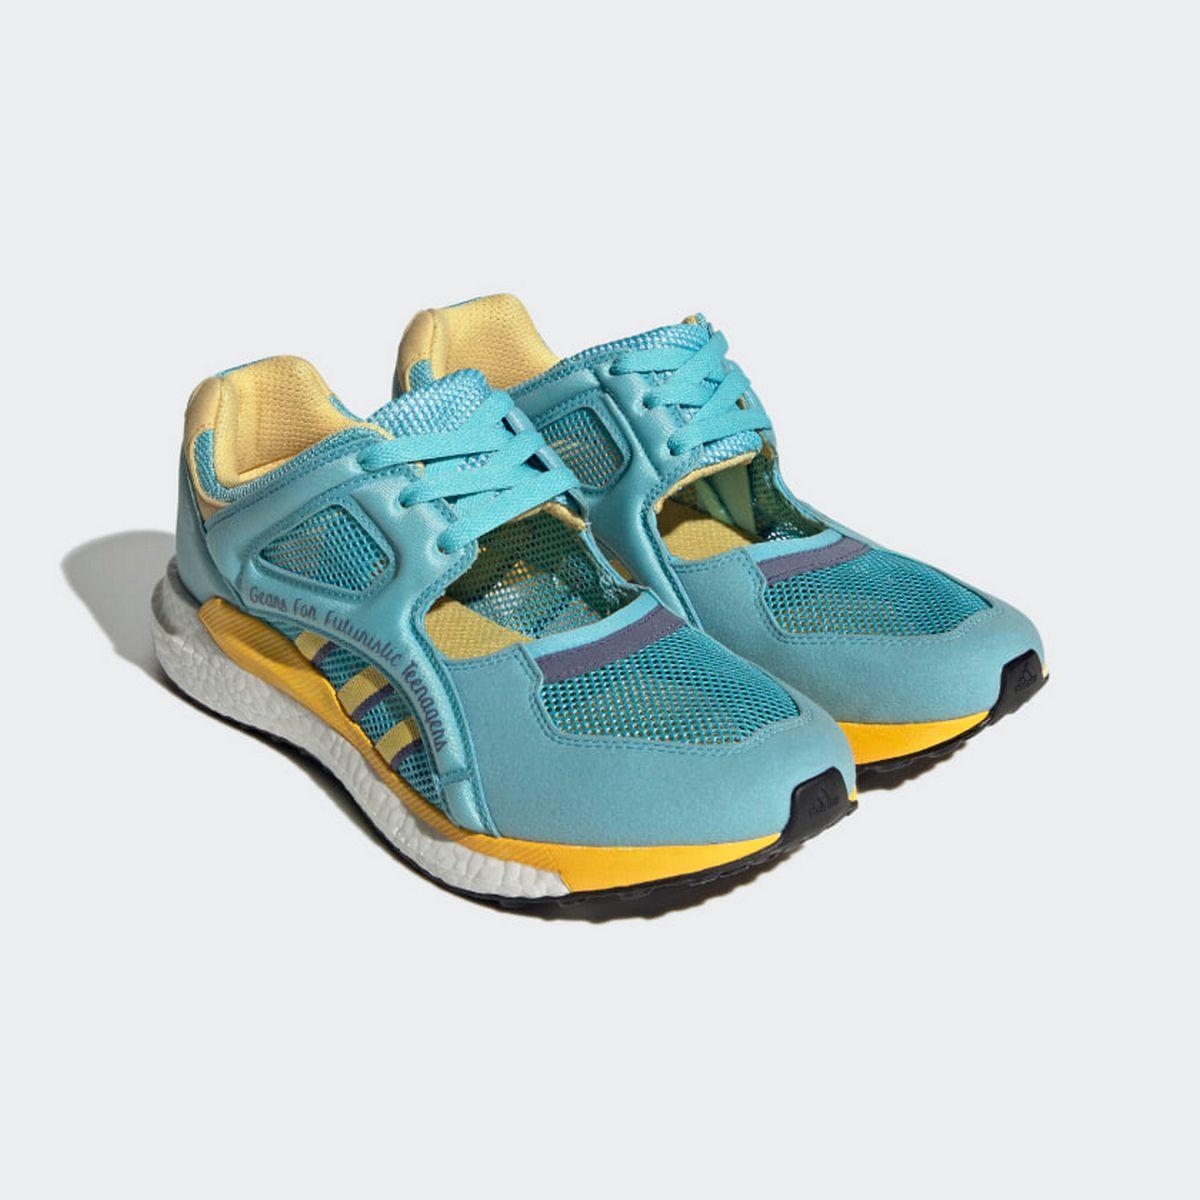 adidas x Human Made - EQTRacing - light aqua/st fade ocean/core black - GX7917